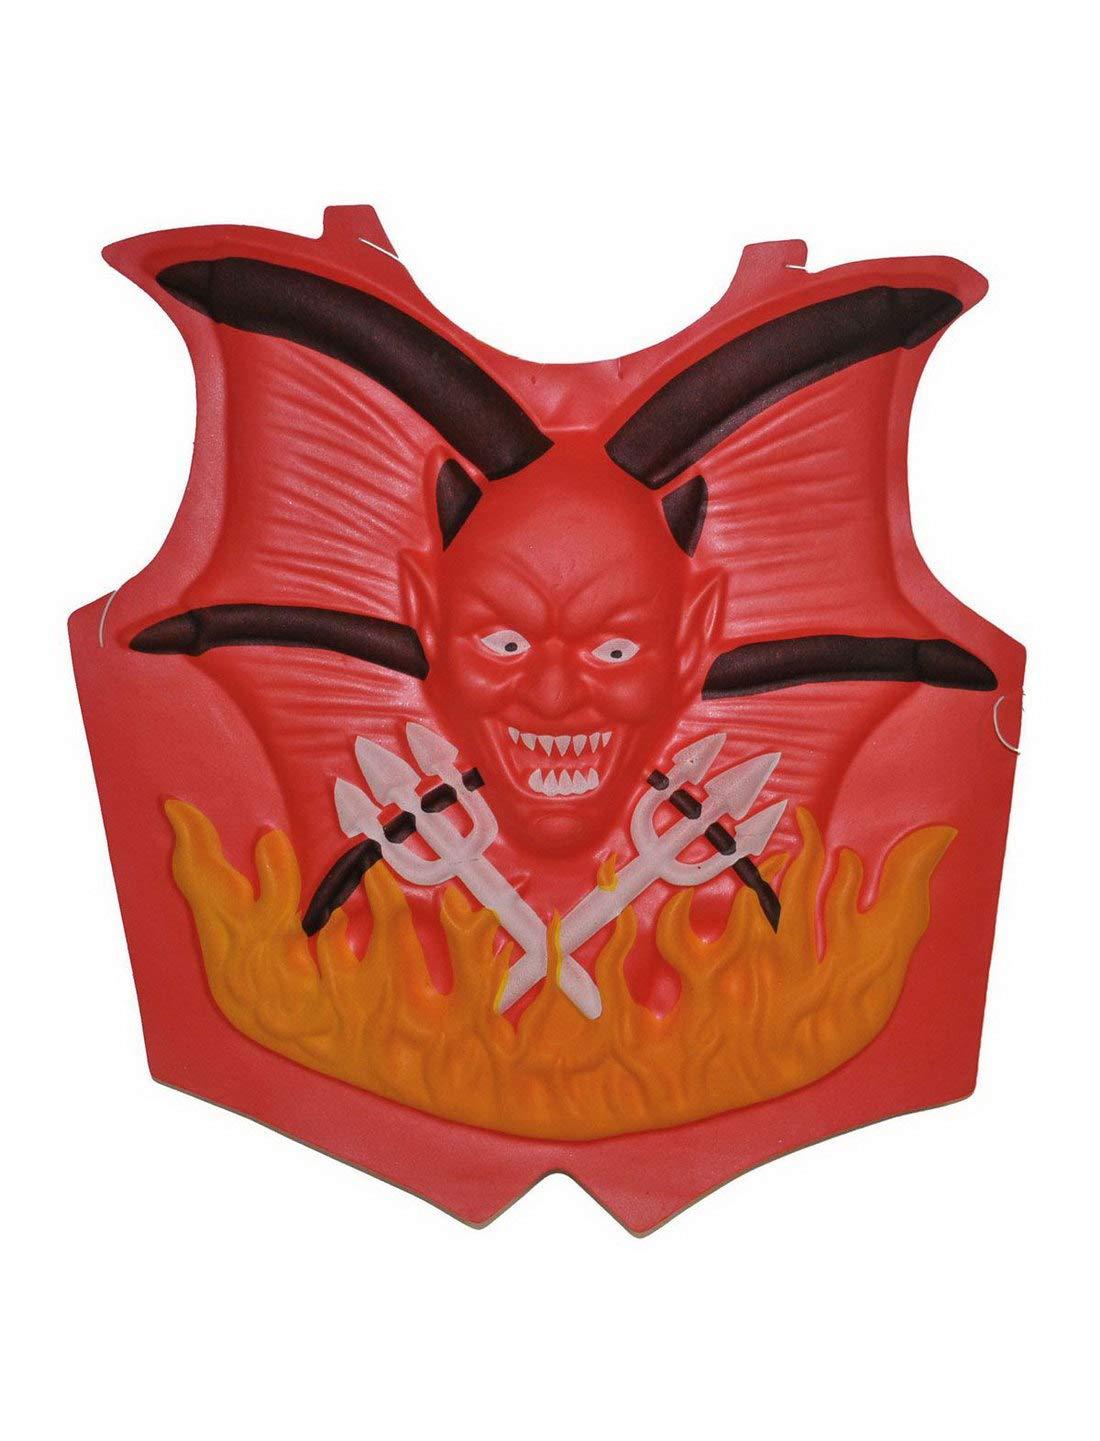 Halloweenia – Accesorio para Disfraz de Halloween, Cartel de Pecho con Diablo, Chest Cover Devil, Halloween Carnaval y Carnaval, Rojo